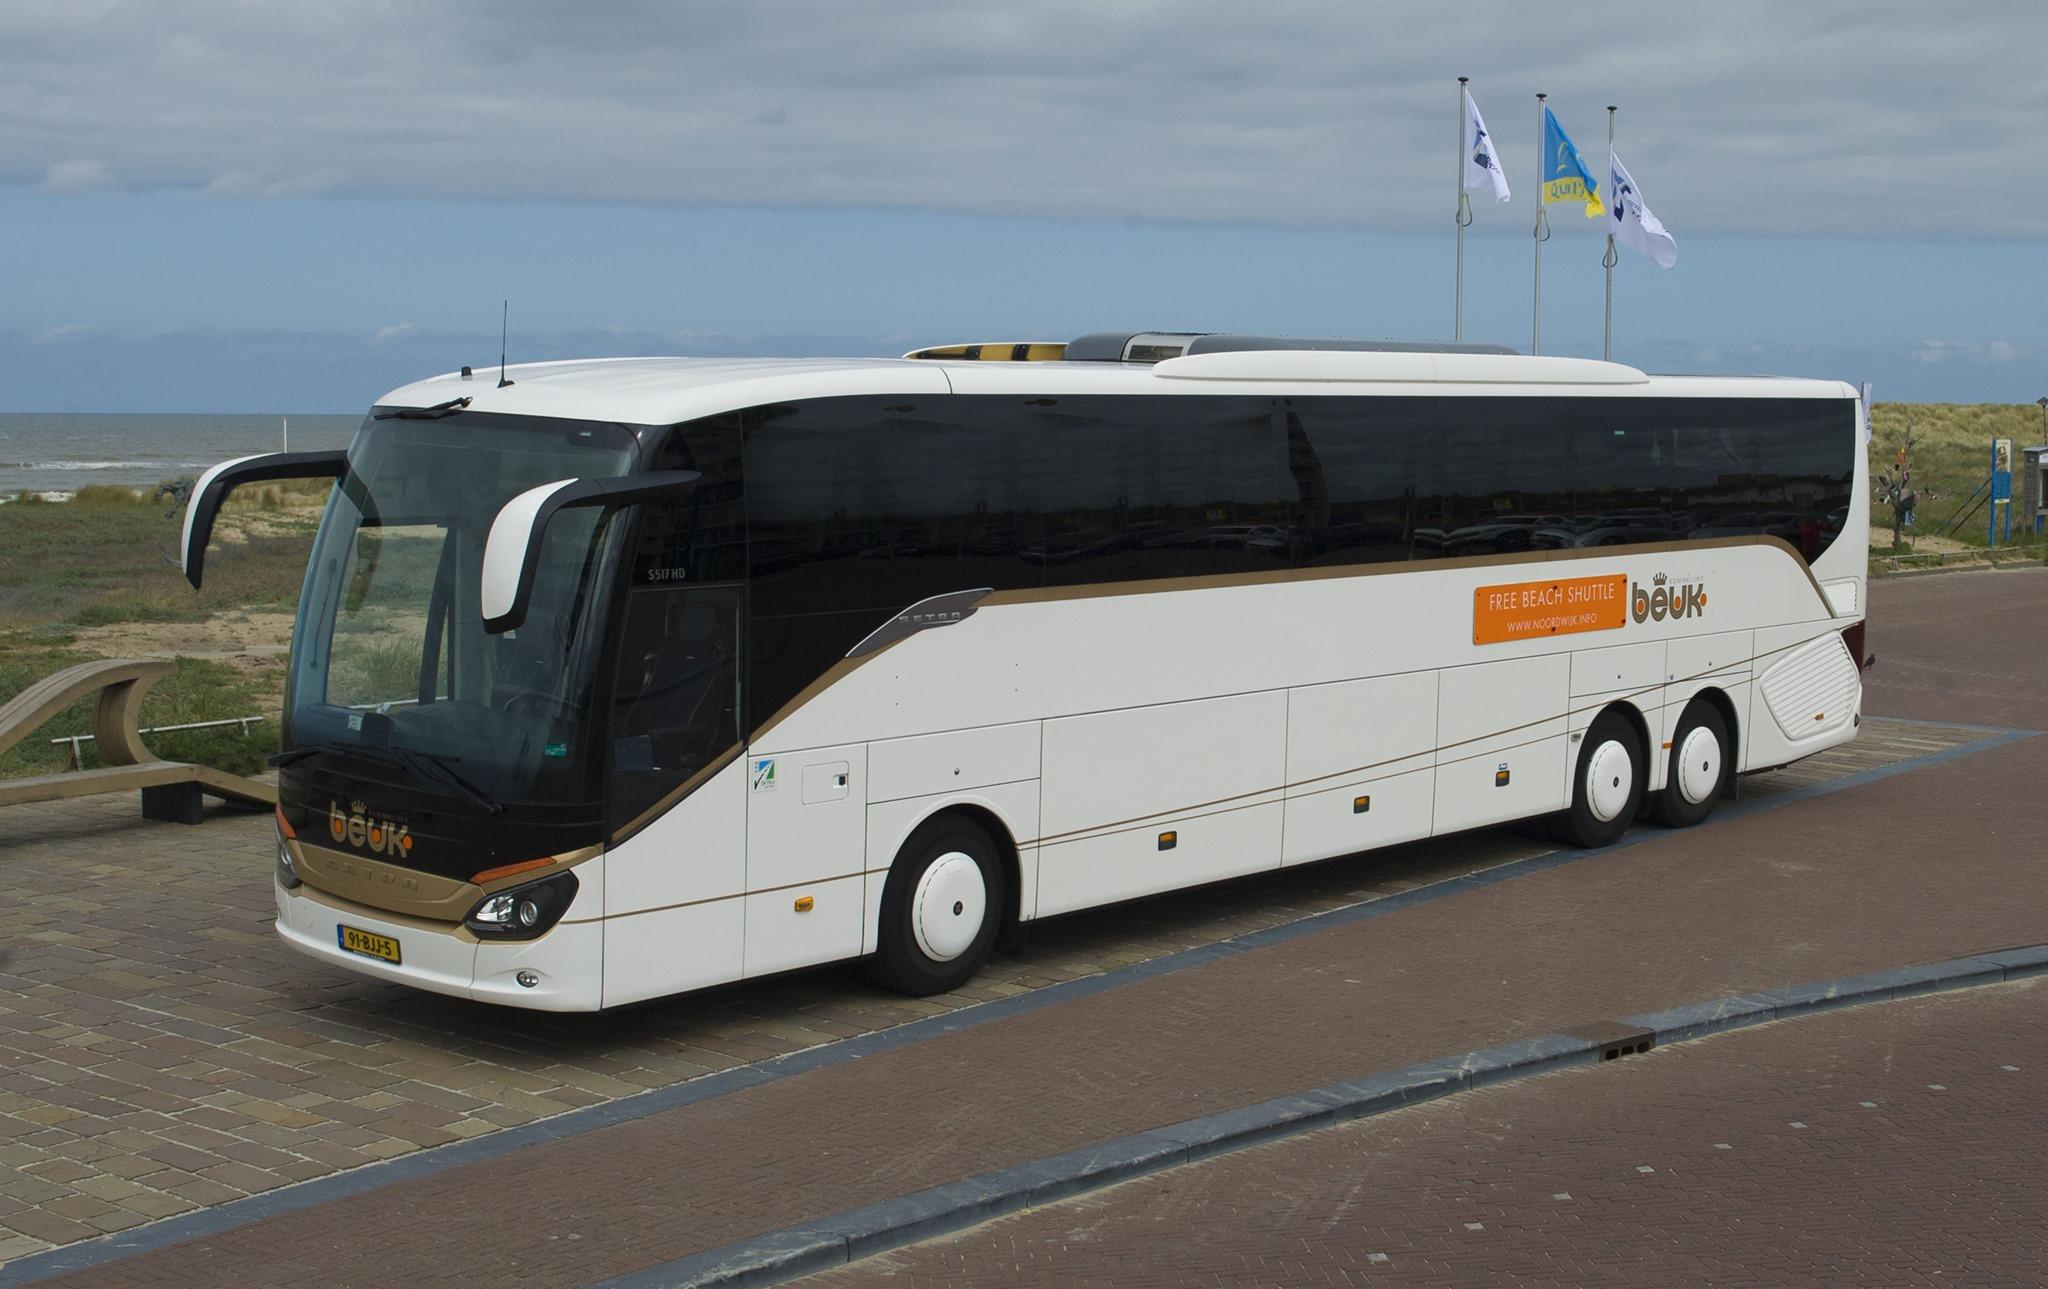 Koninklijke Beuk, Free Beach Shuttle bus